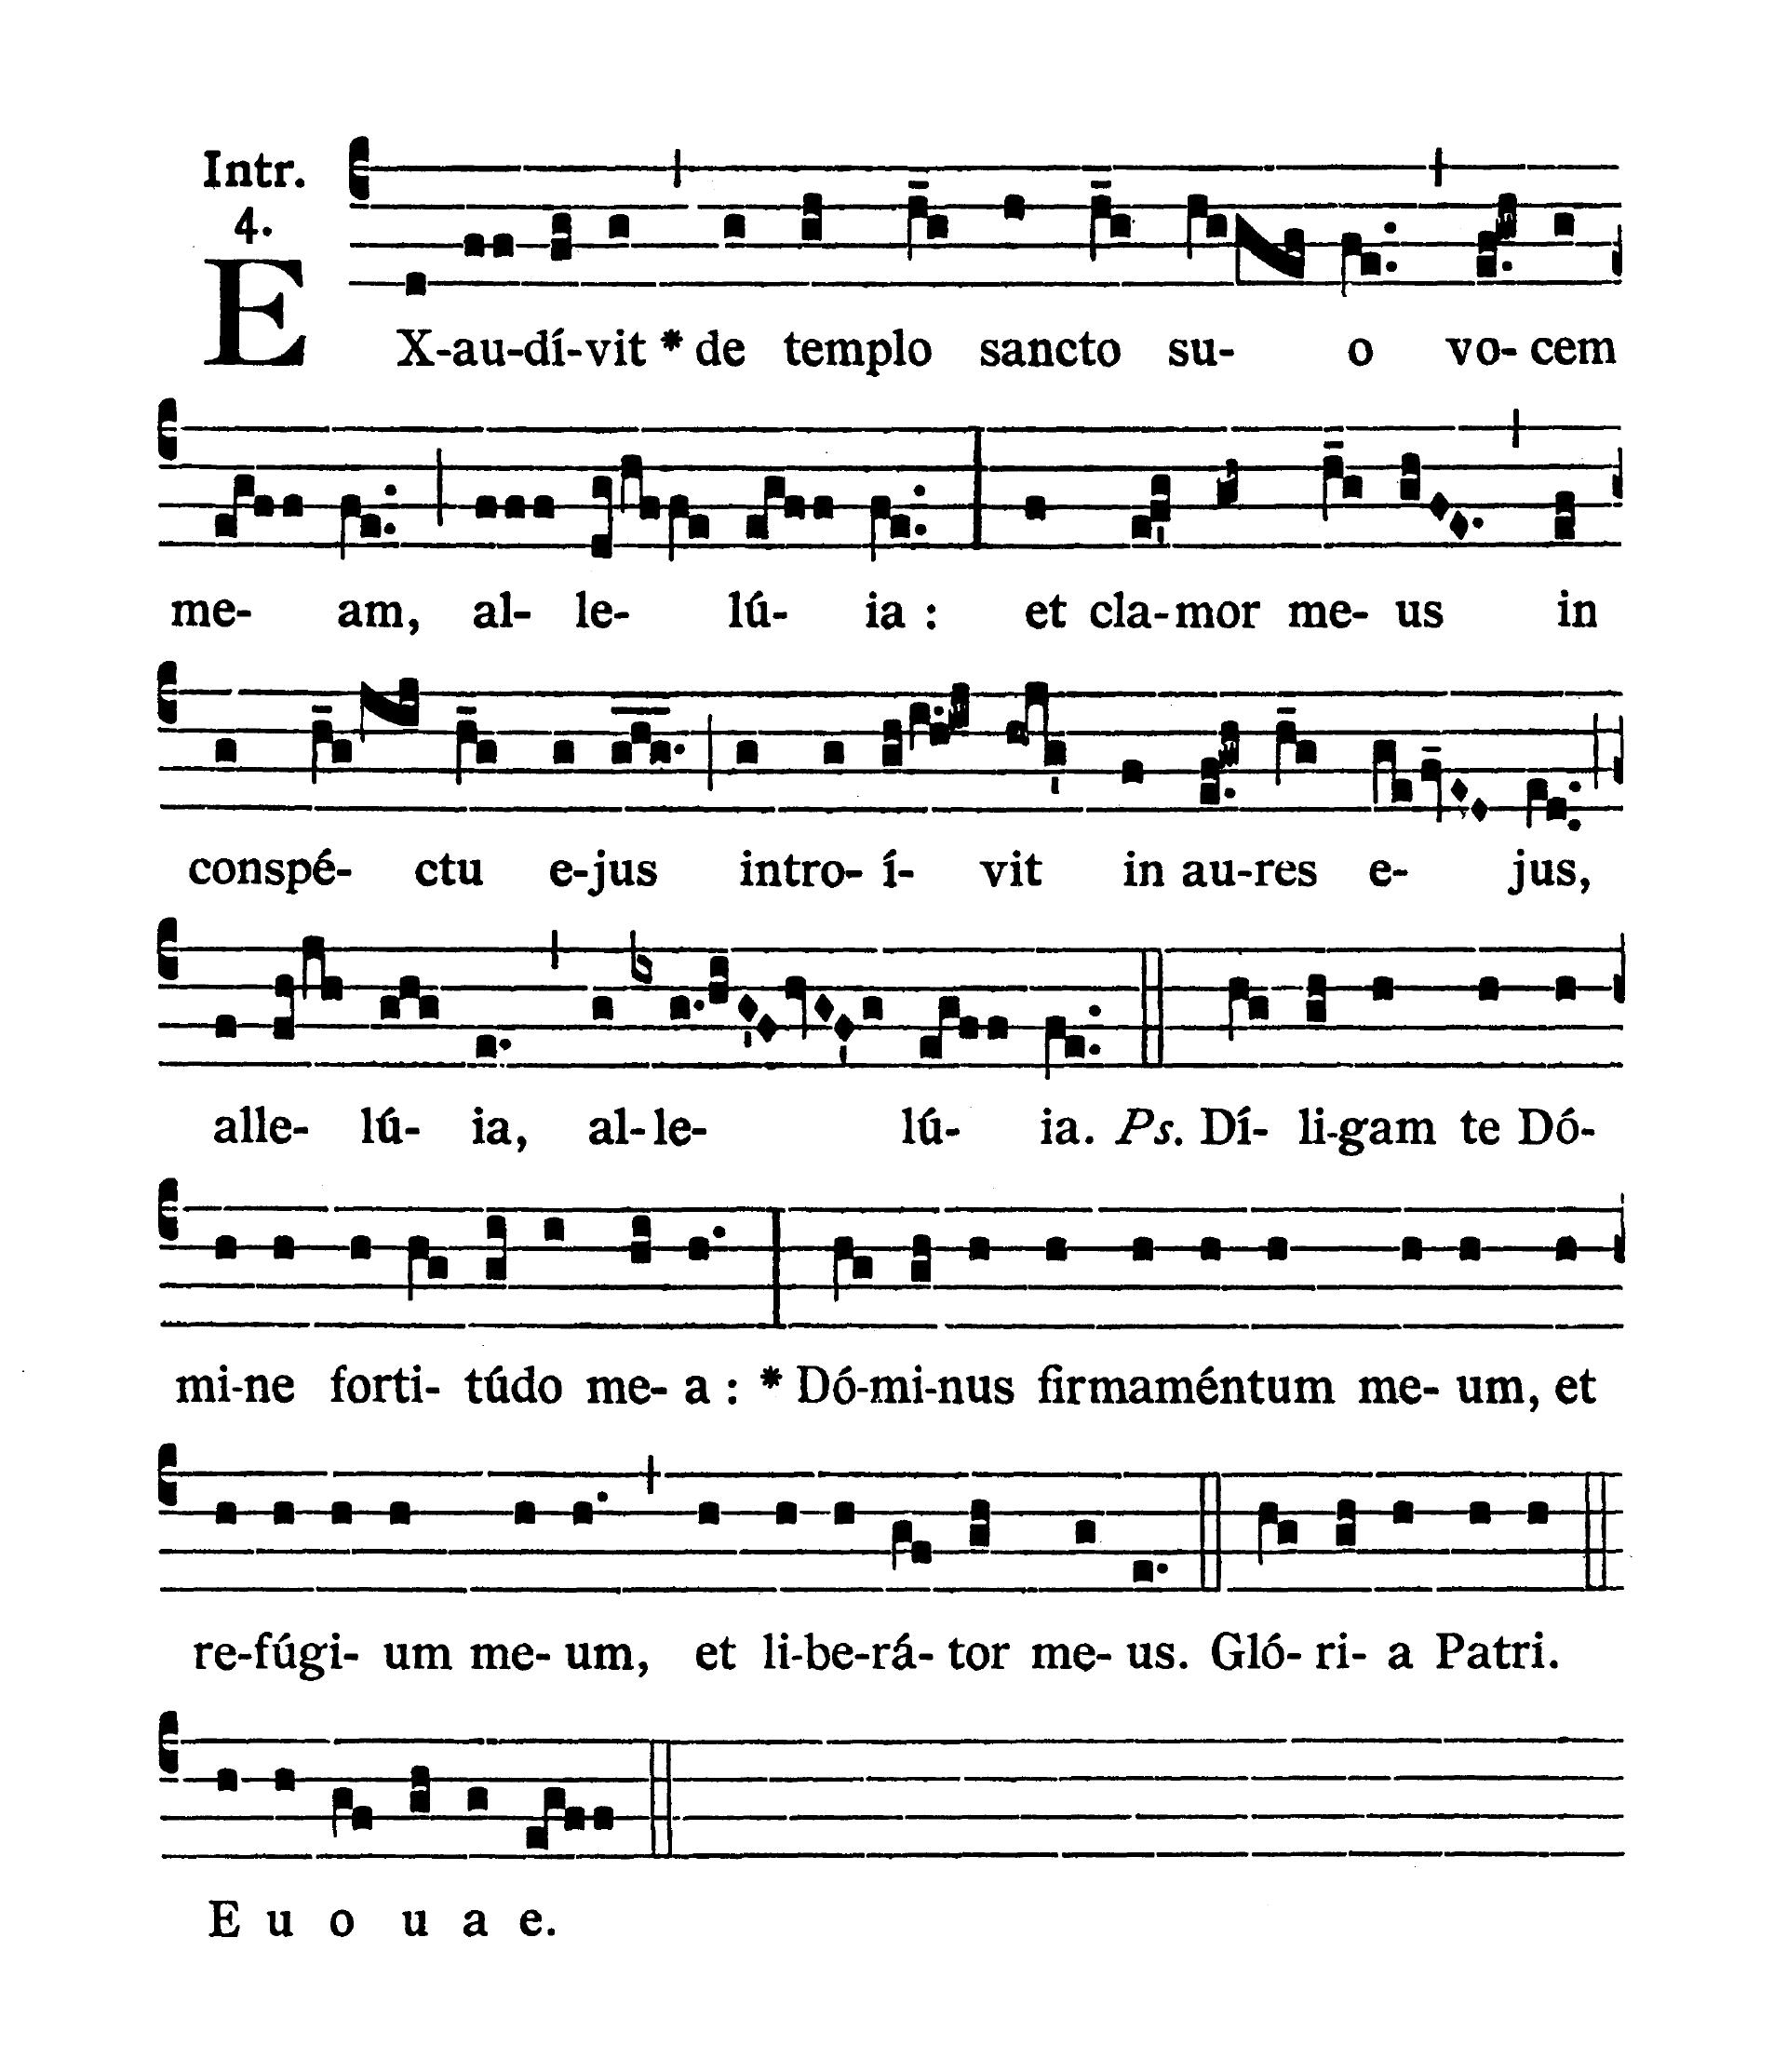 In Litaniis Majoribus et in Minoribus Tempore Paschale (Litanie większe i mniejsze w okresie Wielkanocnym) - Introitus (Exaudivit)